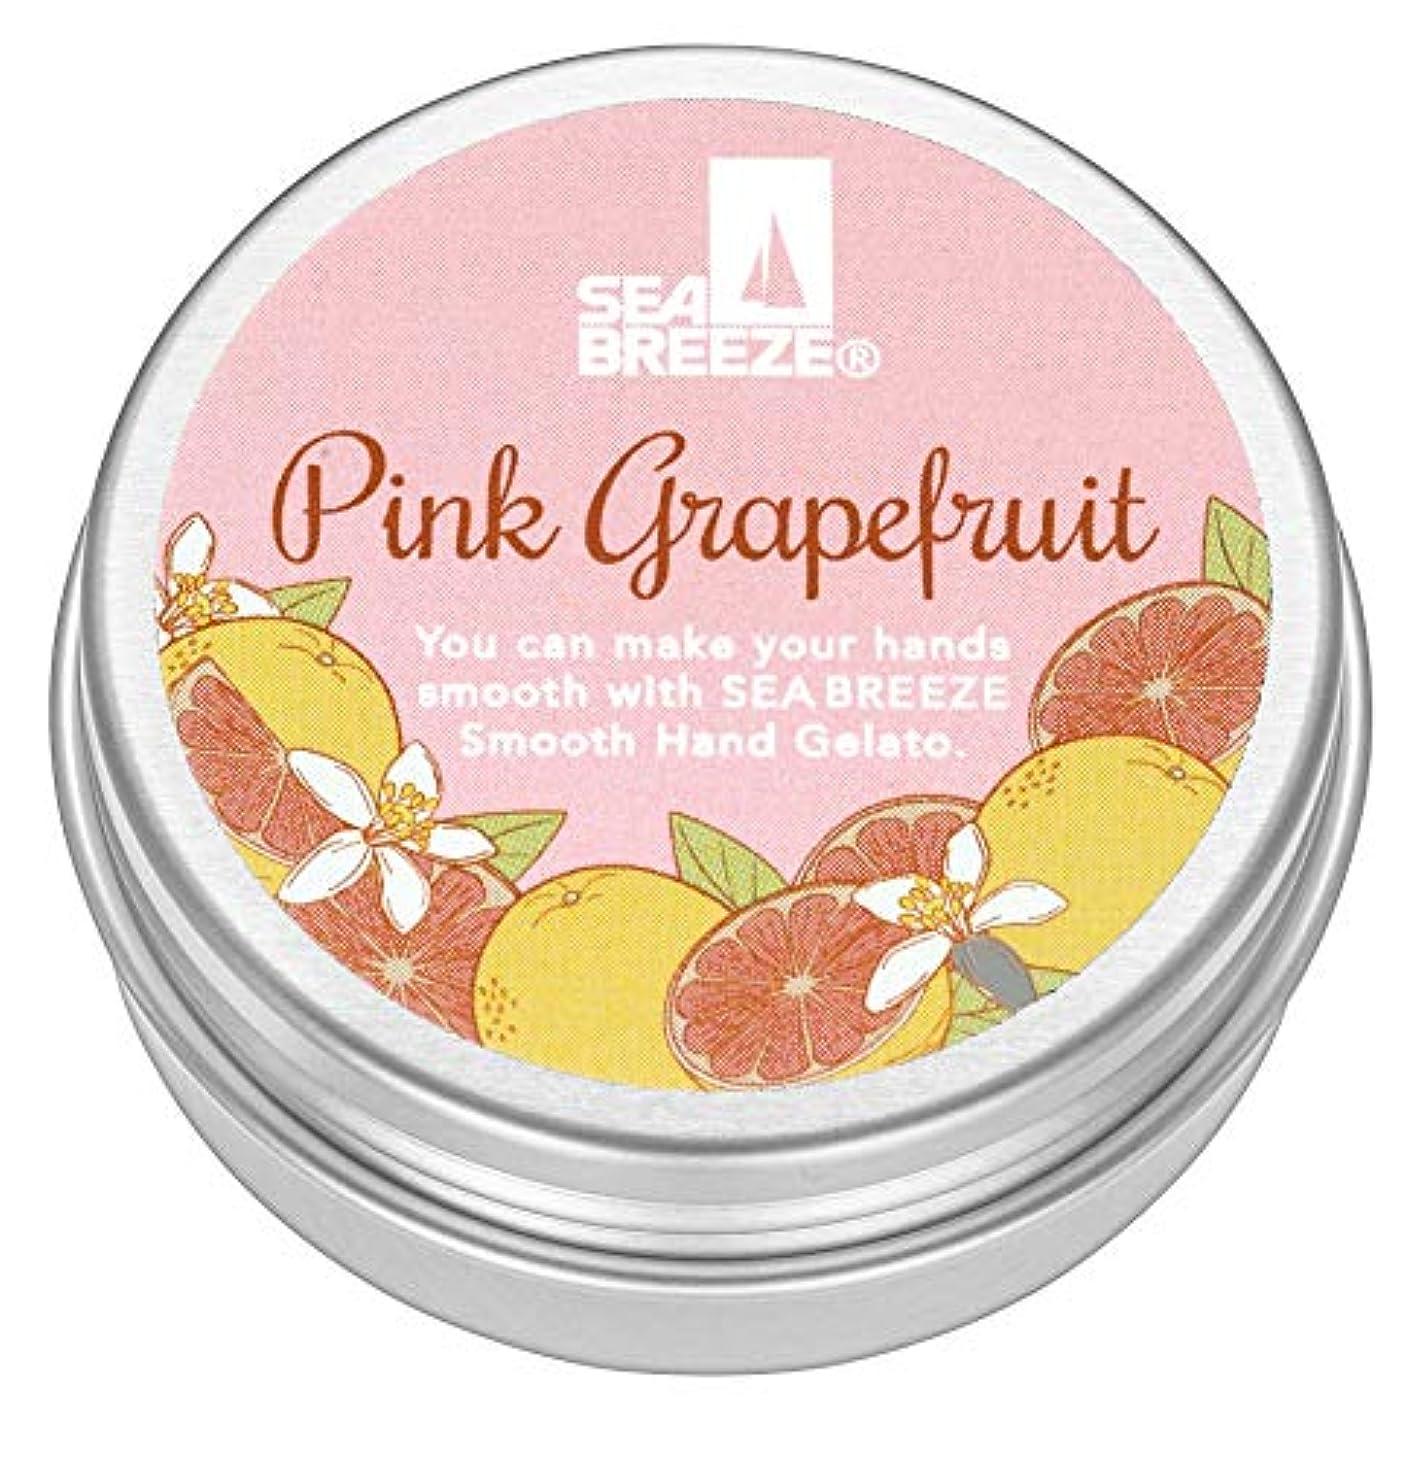 識別コントラスト反対するシーブリーズ スムースハンドジェラート ピンクグレープフルーツ 18g